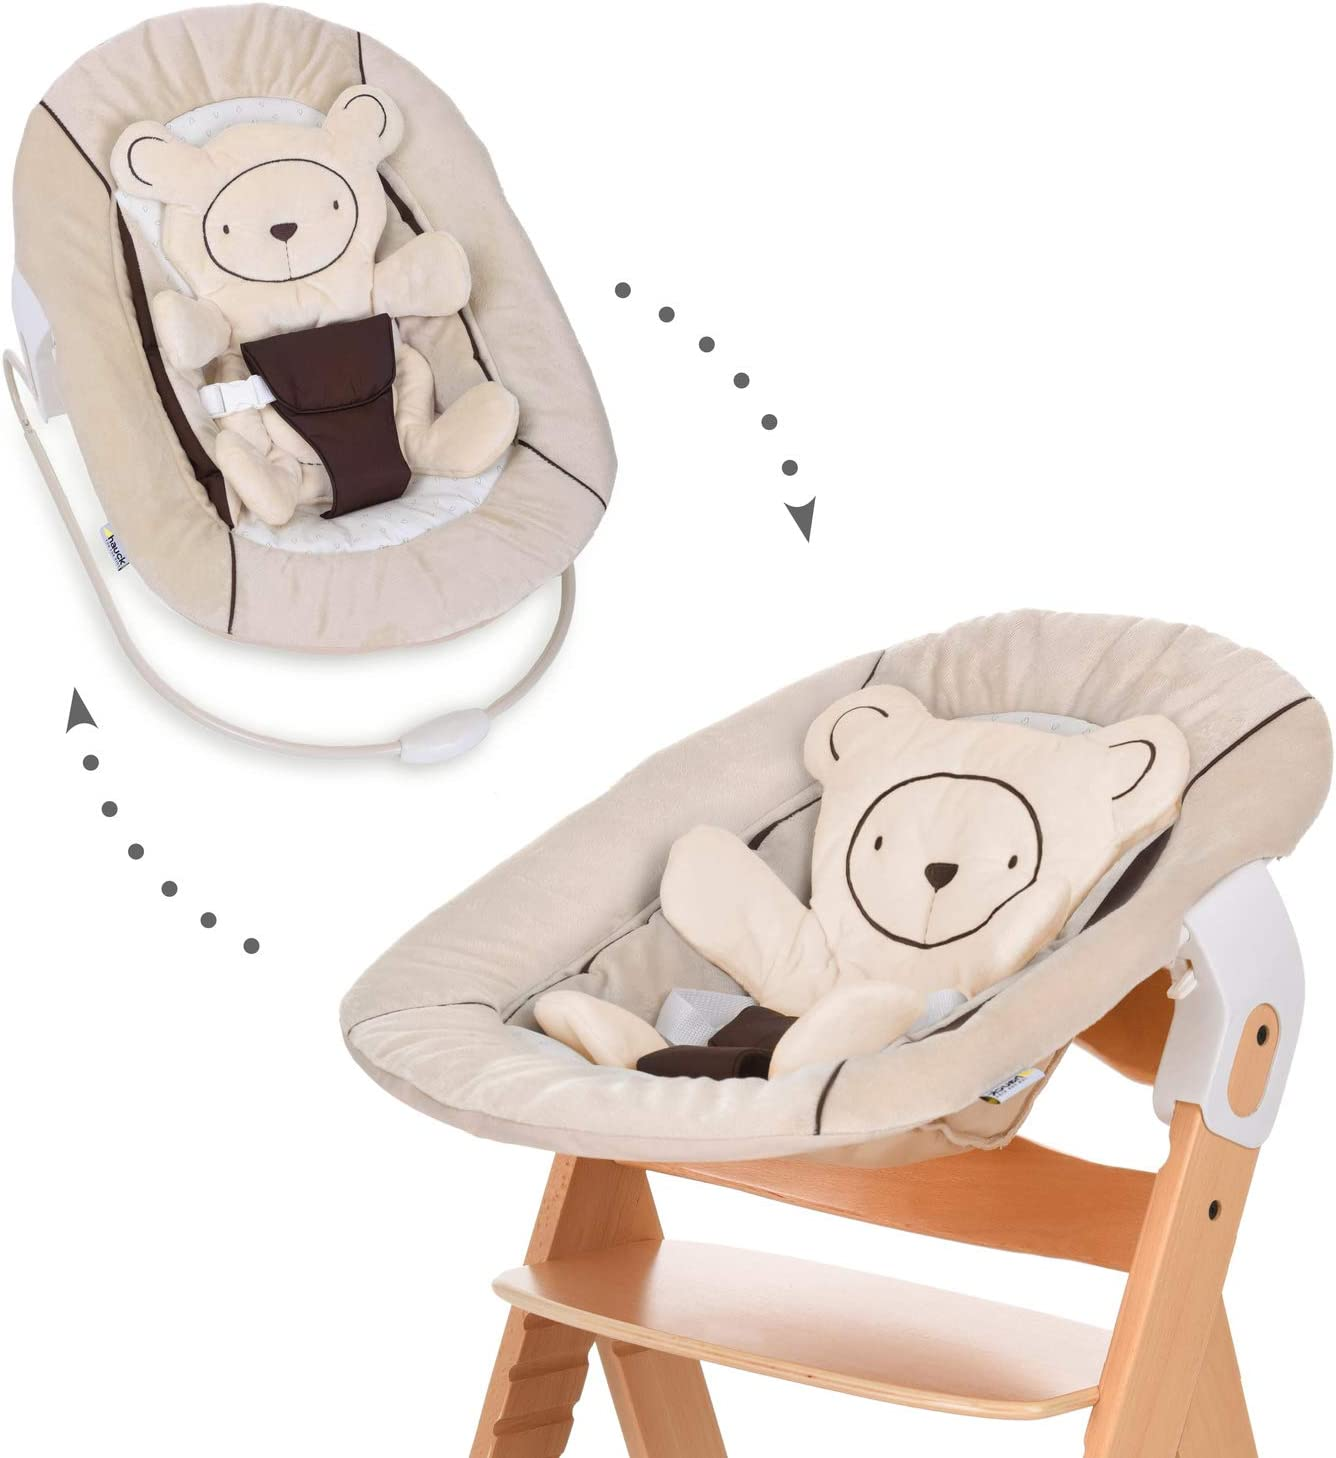 Hauck Alpha Bouncer 2in1 para recién nacido, hamaca de tejido suave, combinable con trona de madera evolutiva Alpha+ y Beta+ de HAUCK, incluido reductor, mecedora para bebes, Beige